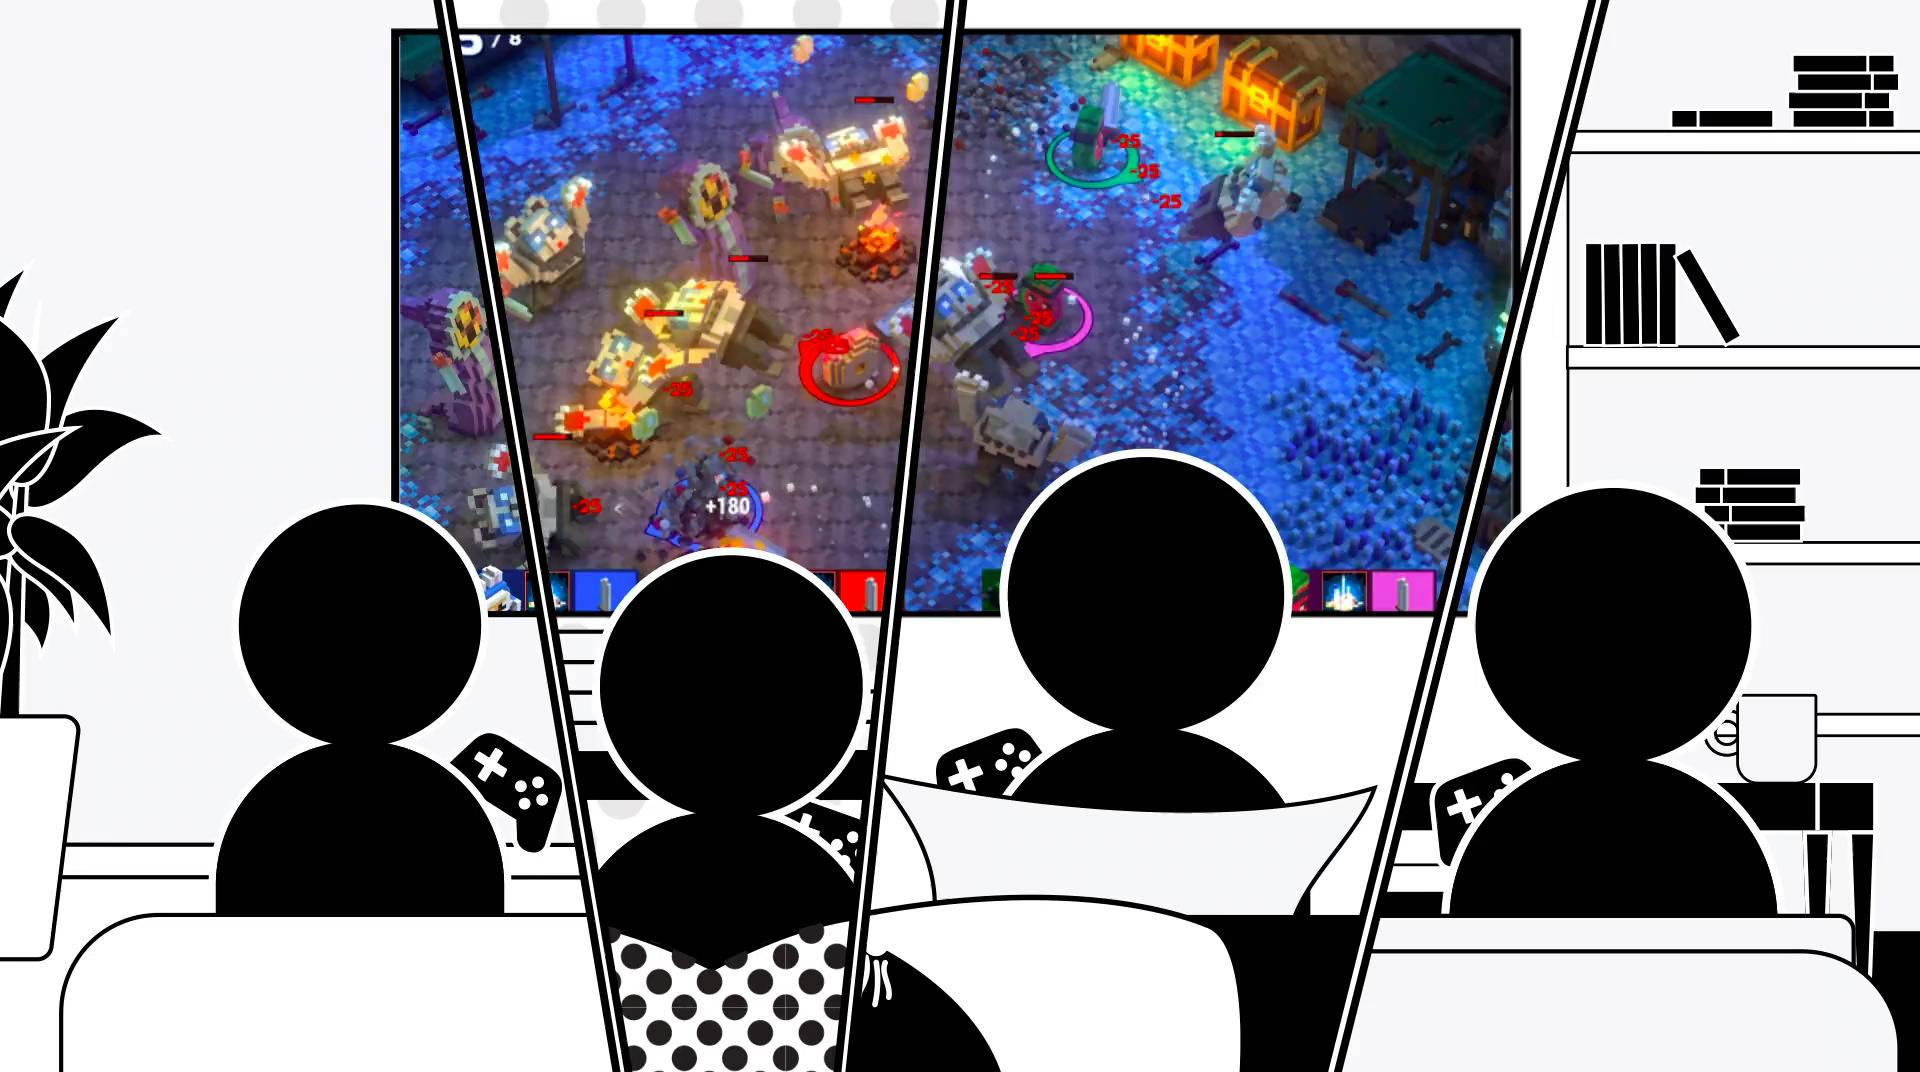 تُتيح لك خدمة Steam الآن لعب ألعاب متعددة اللاعبين على الإنترنت عن بُعد